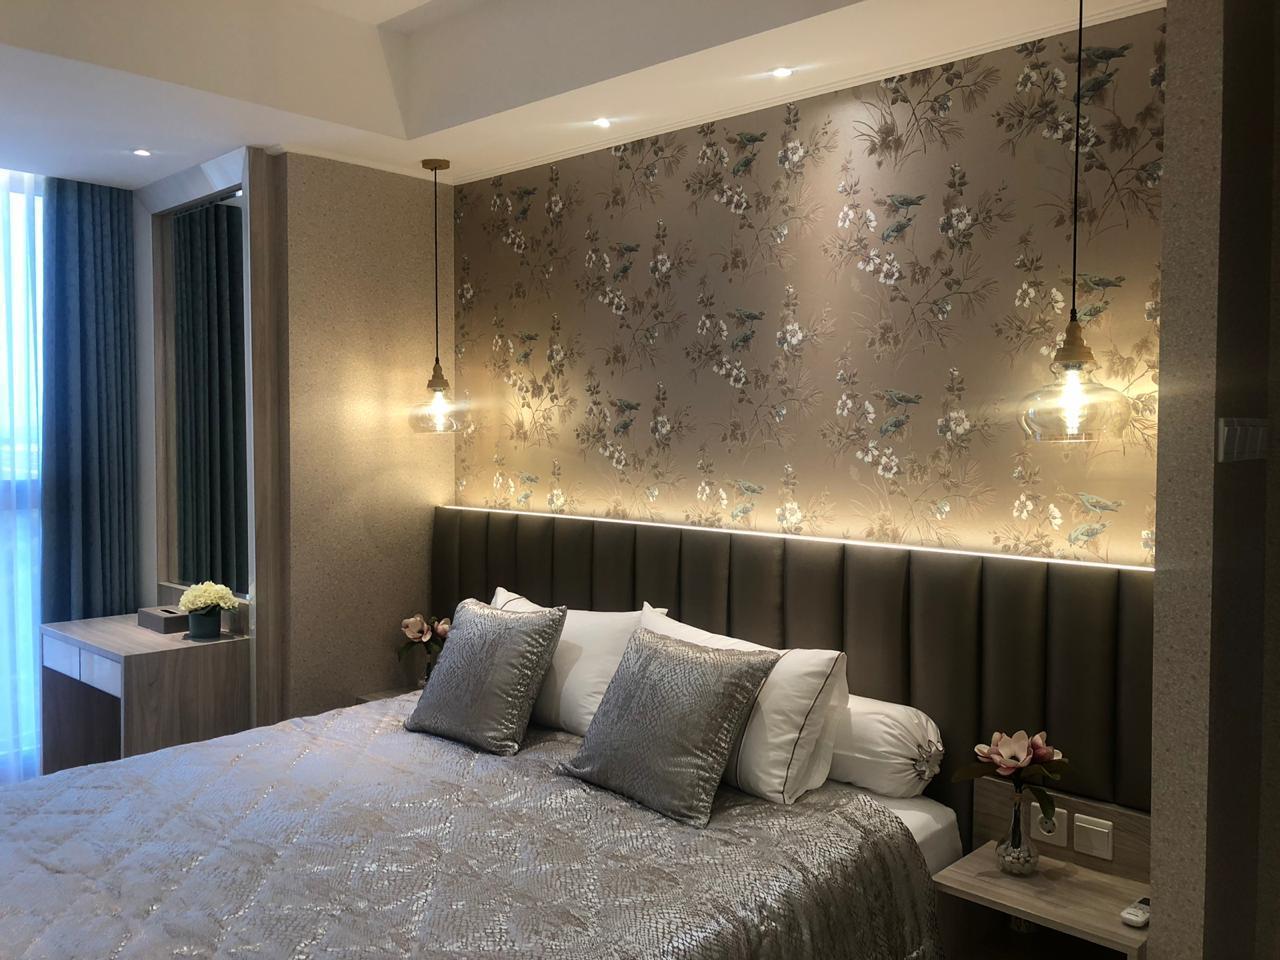 Gold Coast PIK Bahama Premium One Bedroom Suites